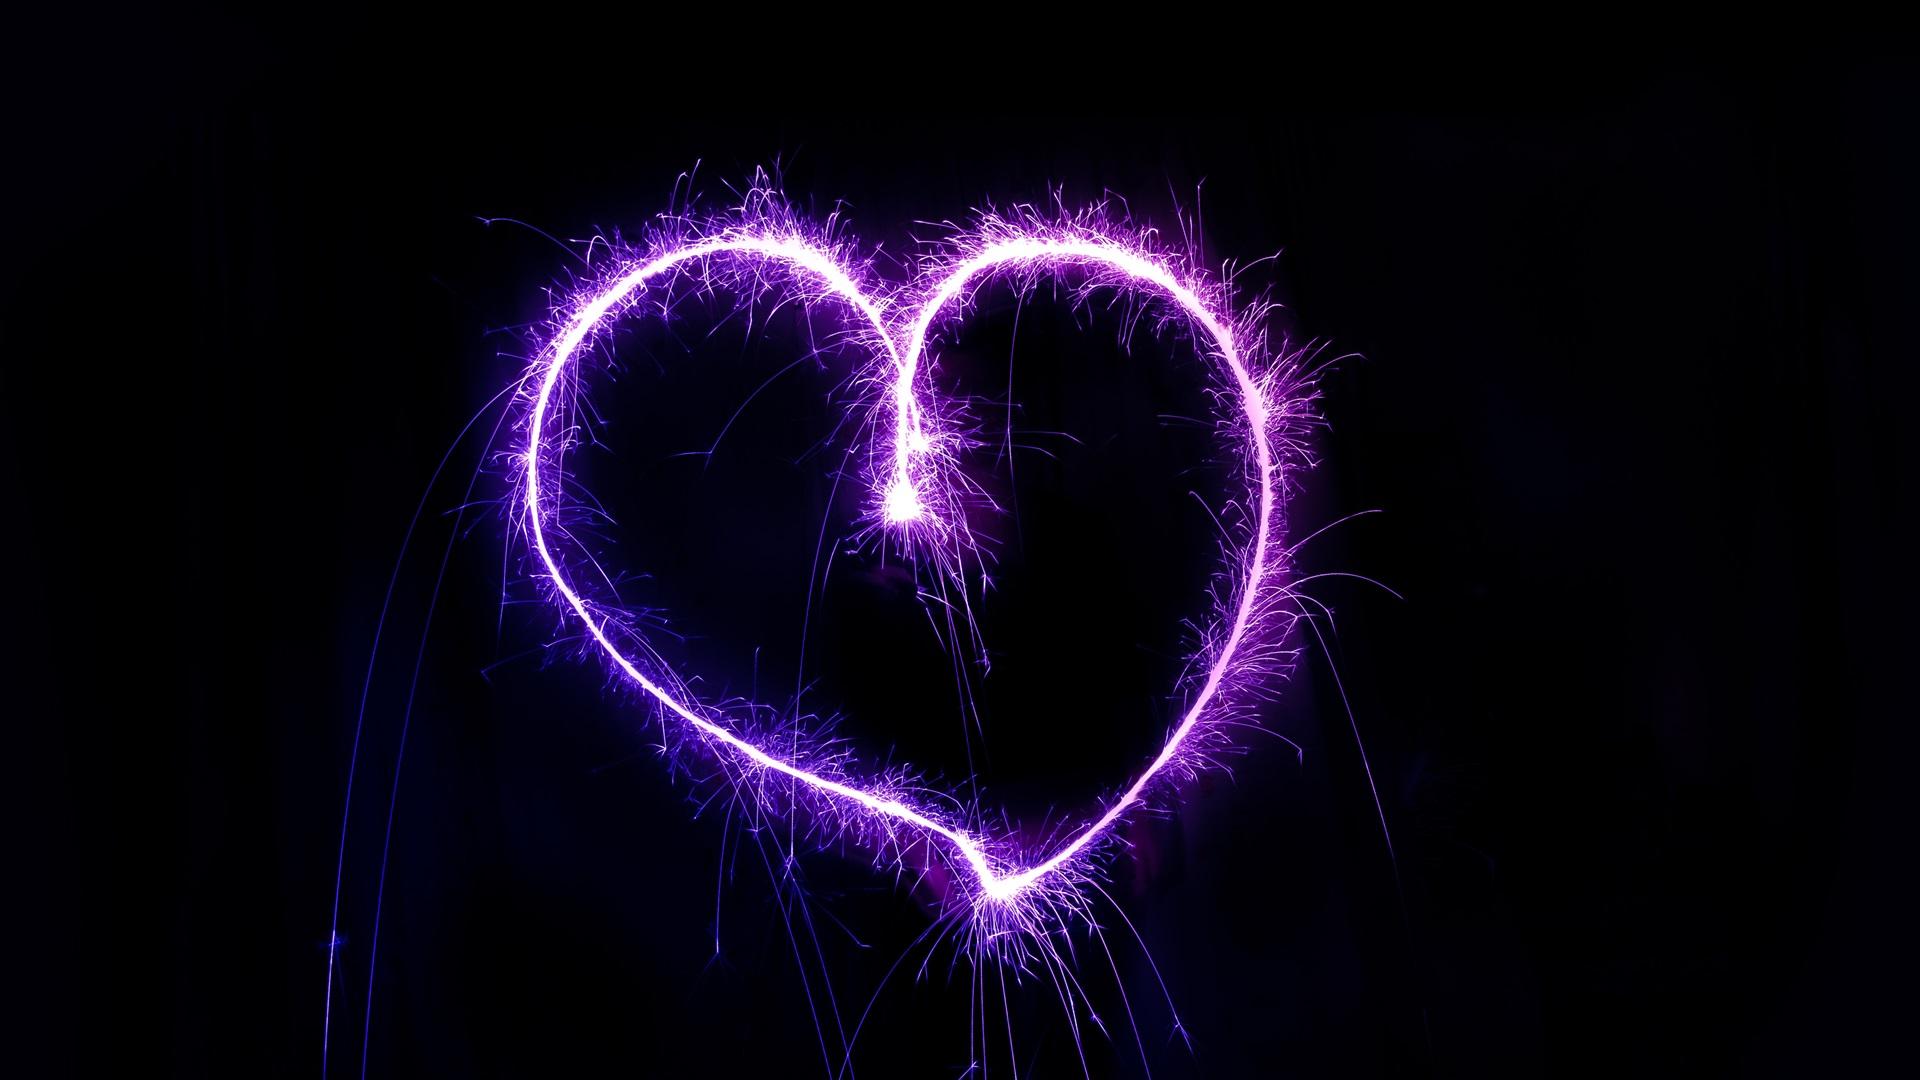 Purple Love Wallpaper: Download Wallpaper 1920x1080 Purple Love Heart, Fireworks